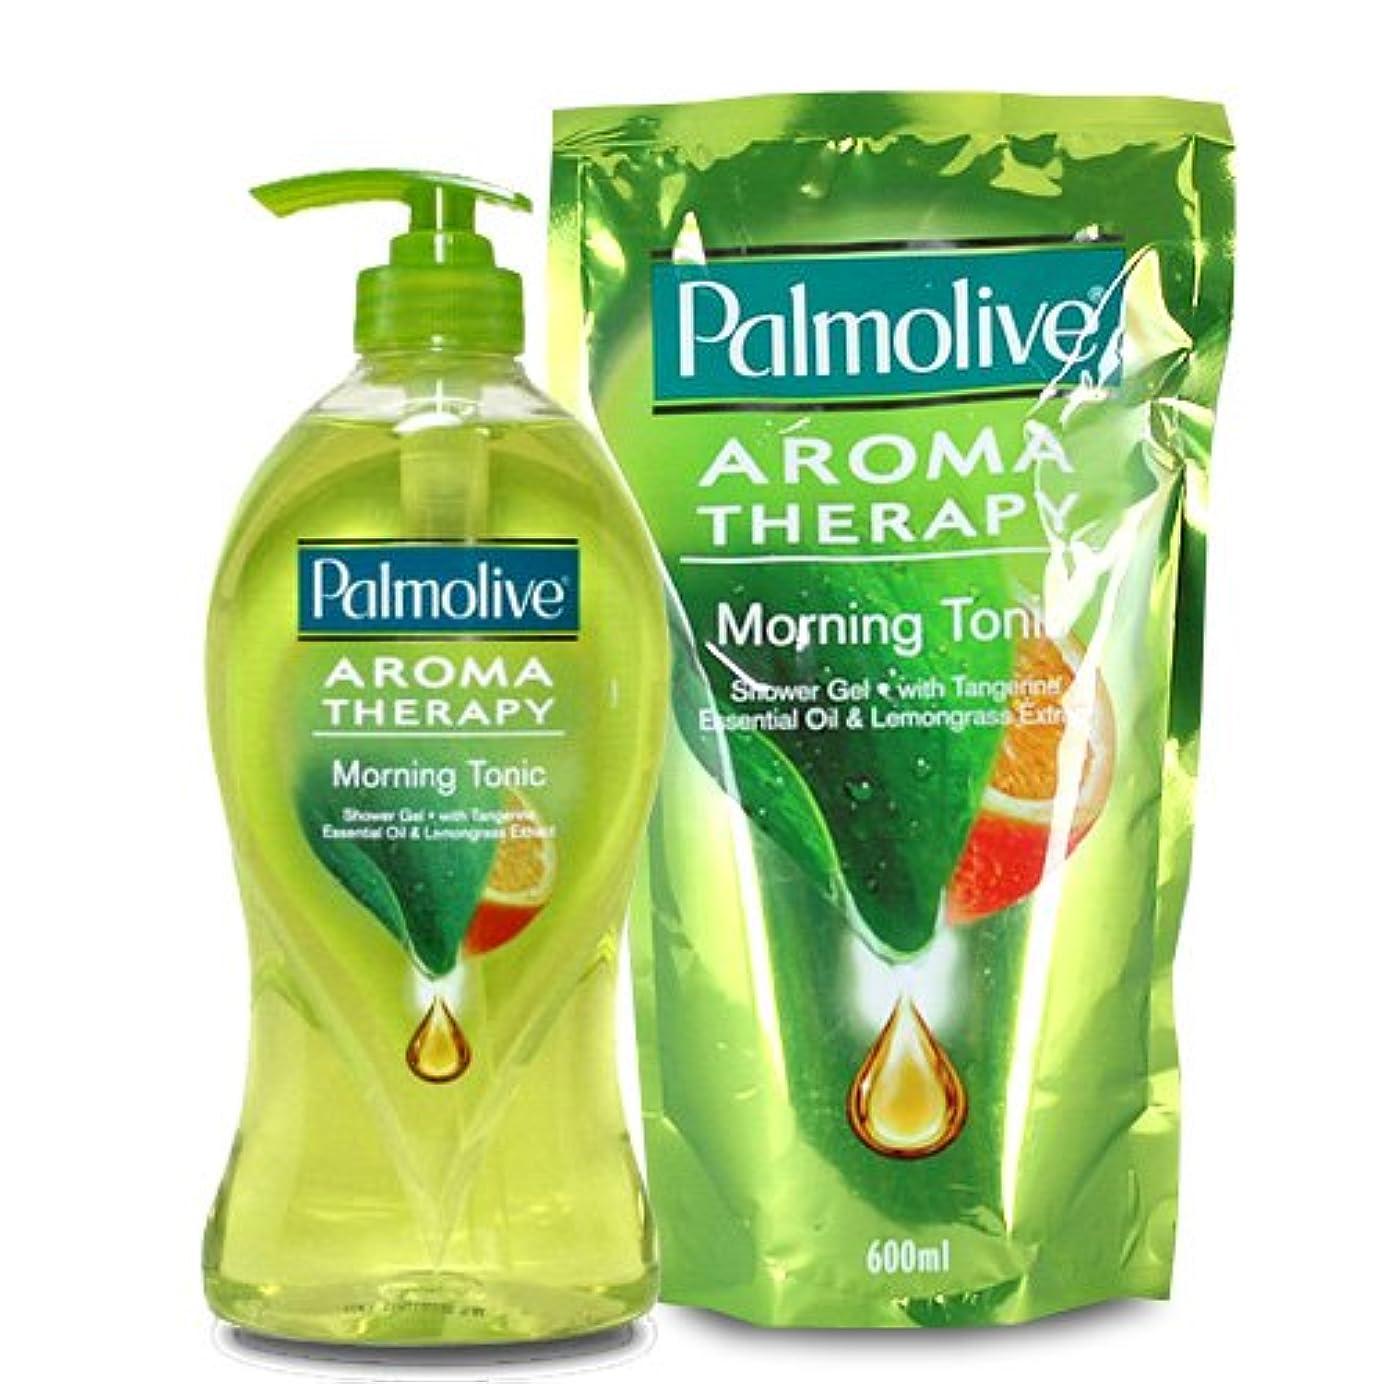 見えない調べる溶融【Palmolive】パルモリーブ アロマセラピーシャワージェル ボトルと詰め替えのセット (モーニングトニック)